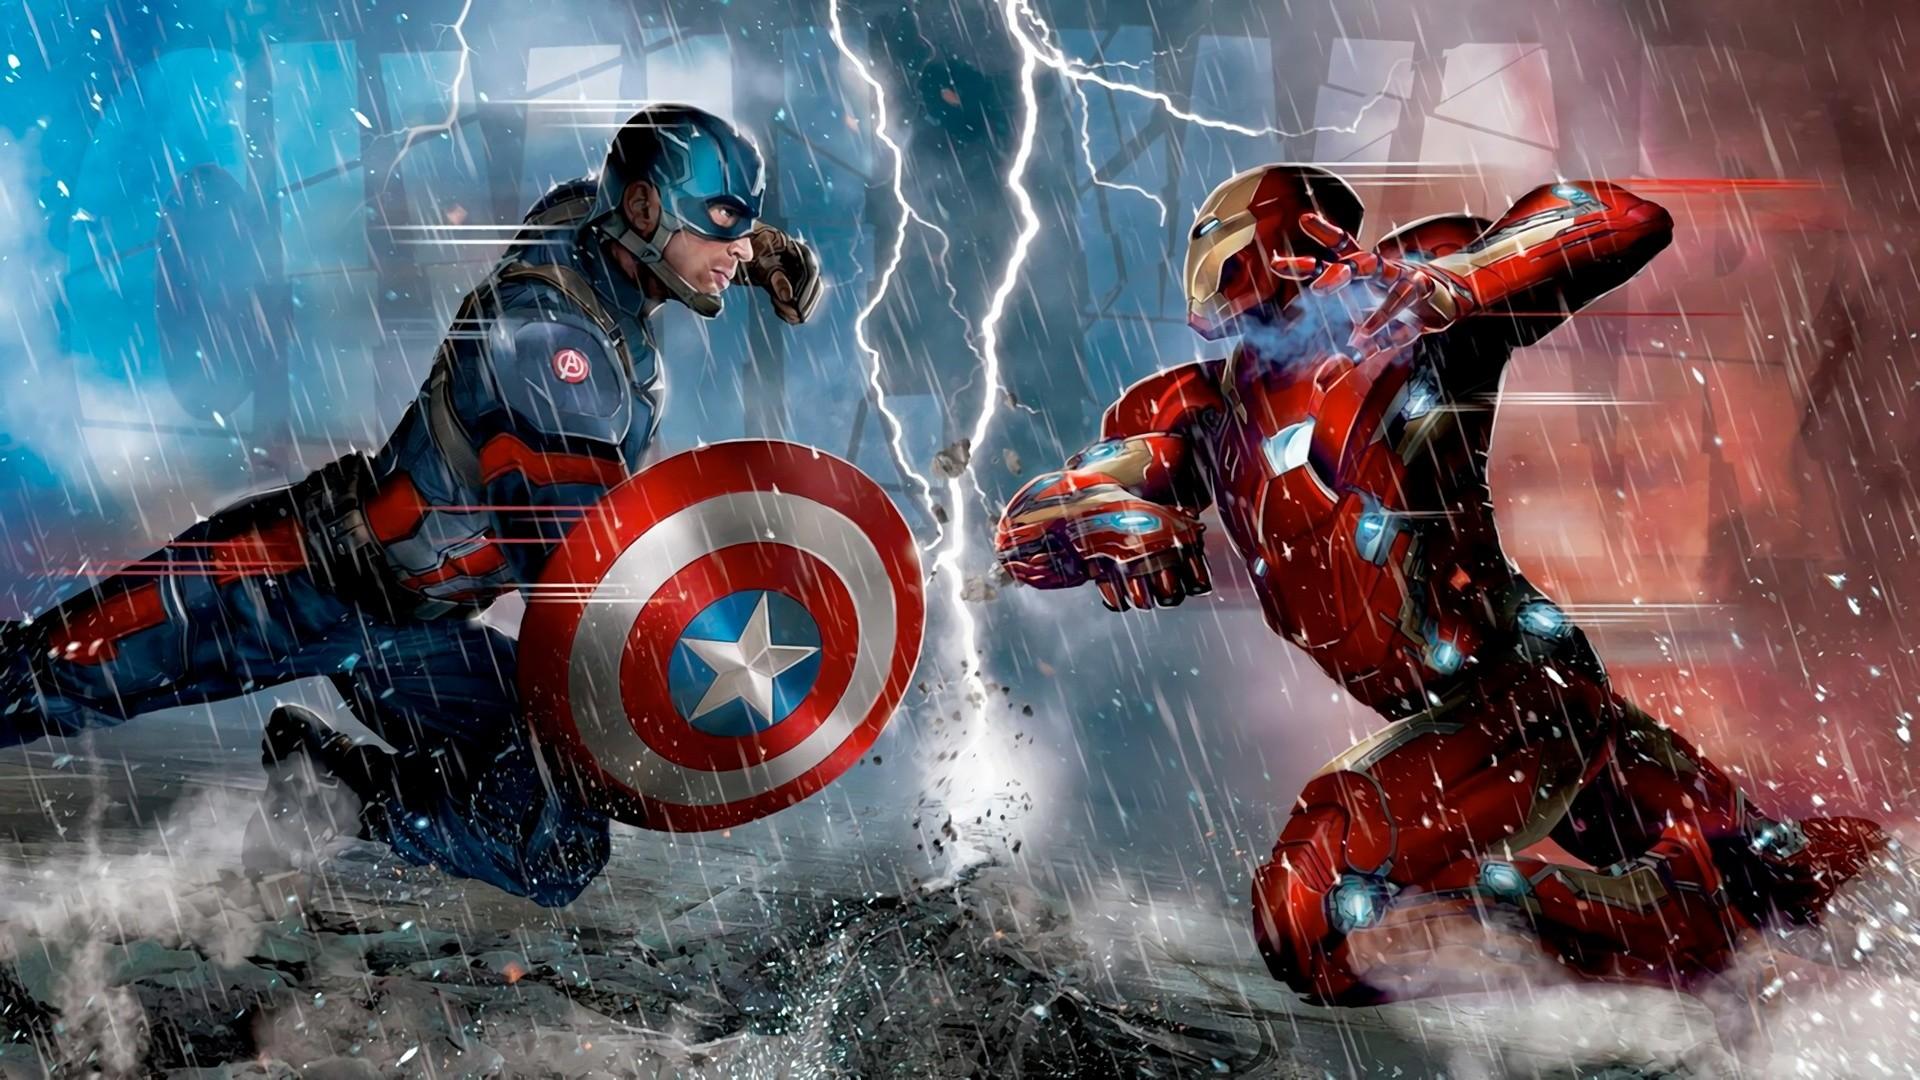 Captain america-vs-iron man-wallpaper-art.jpg